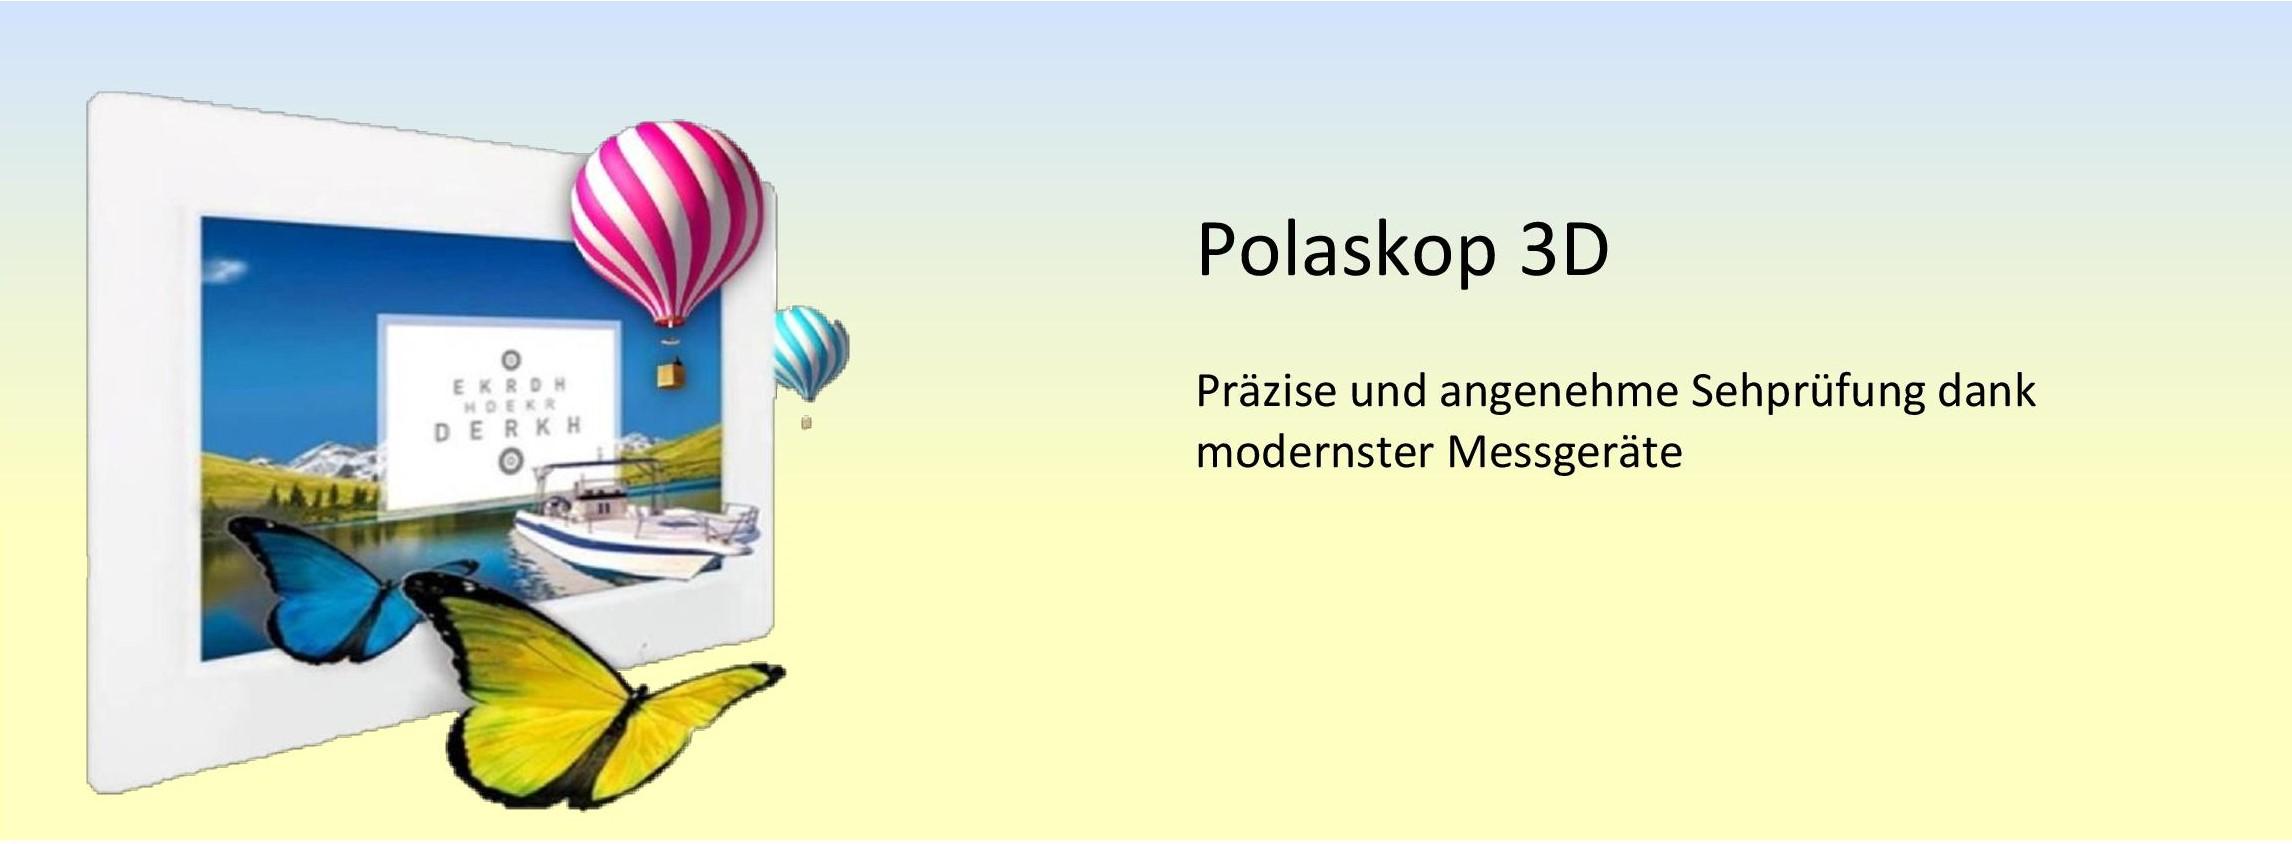 polaskop-page-001-1